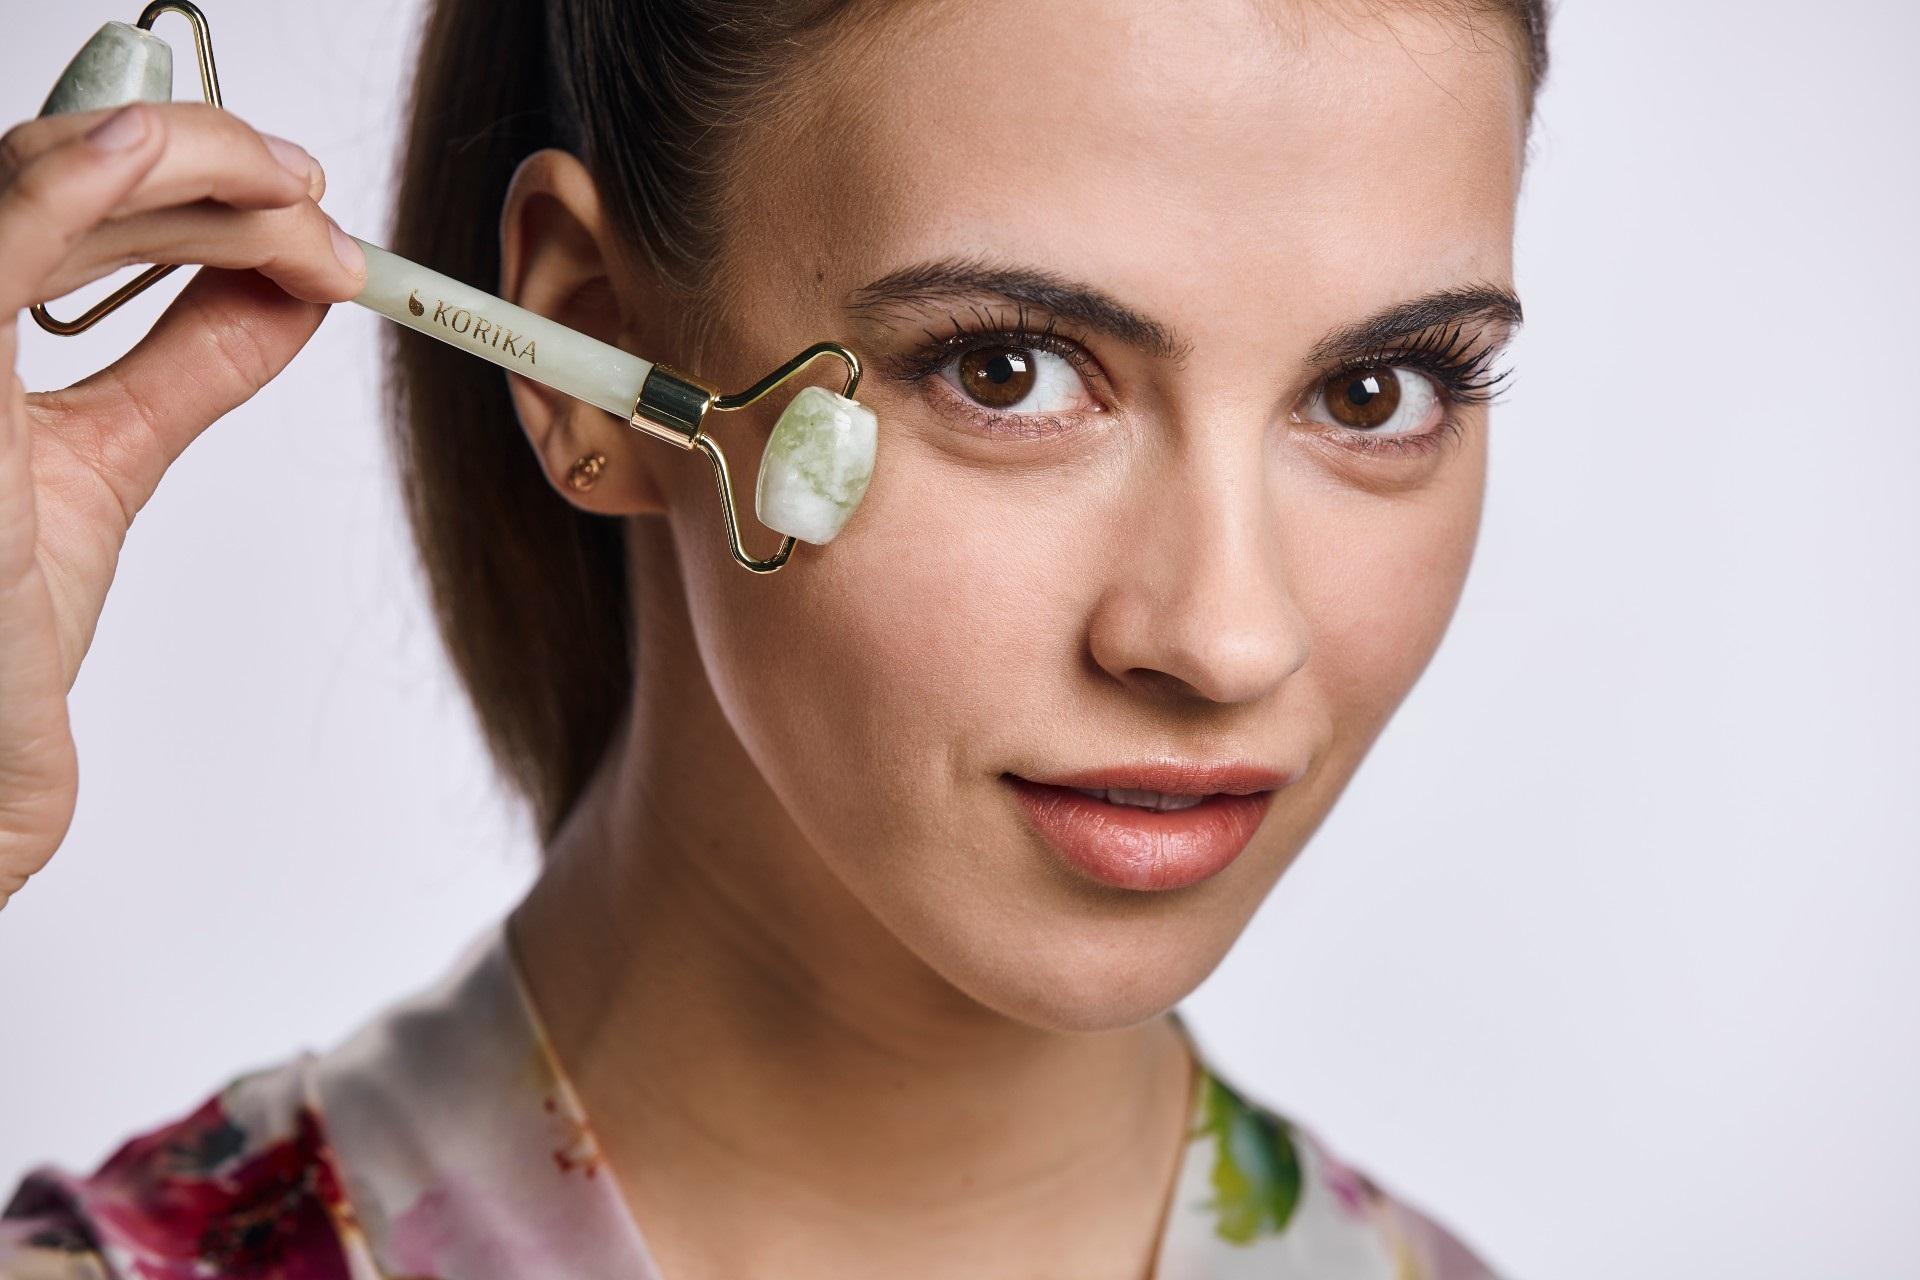 Come massaggiare il viso? Gli accessori TOP per un viso senza rughe